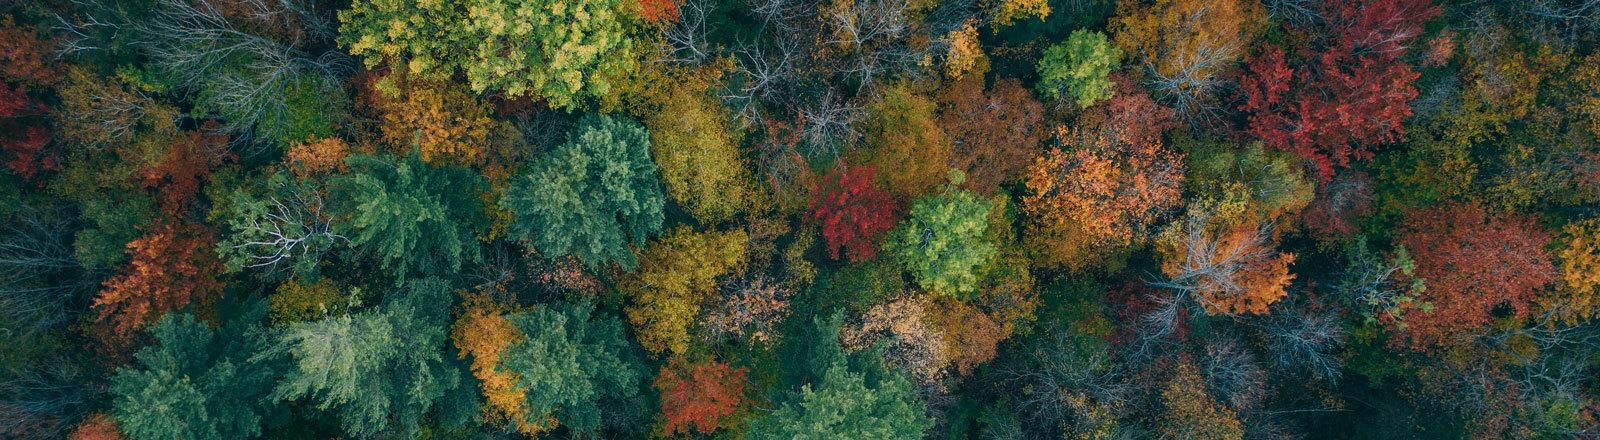 Herbstwald aus der Vogelperspektive.